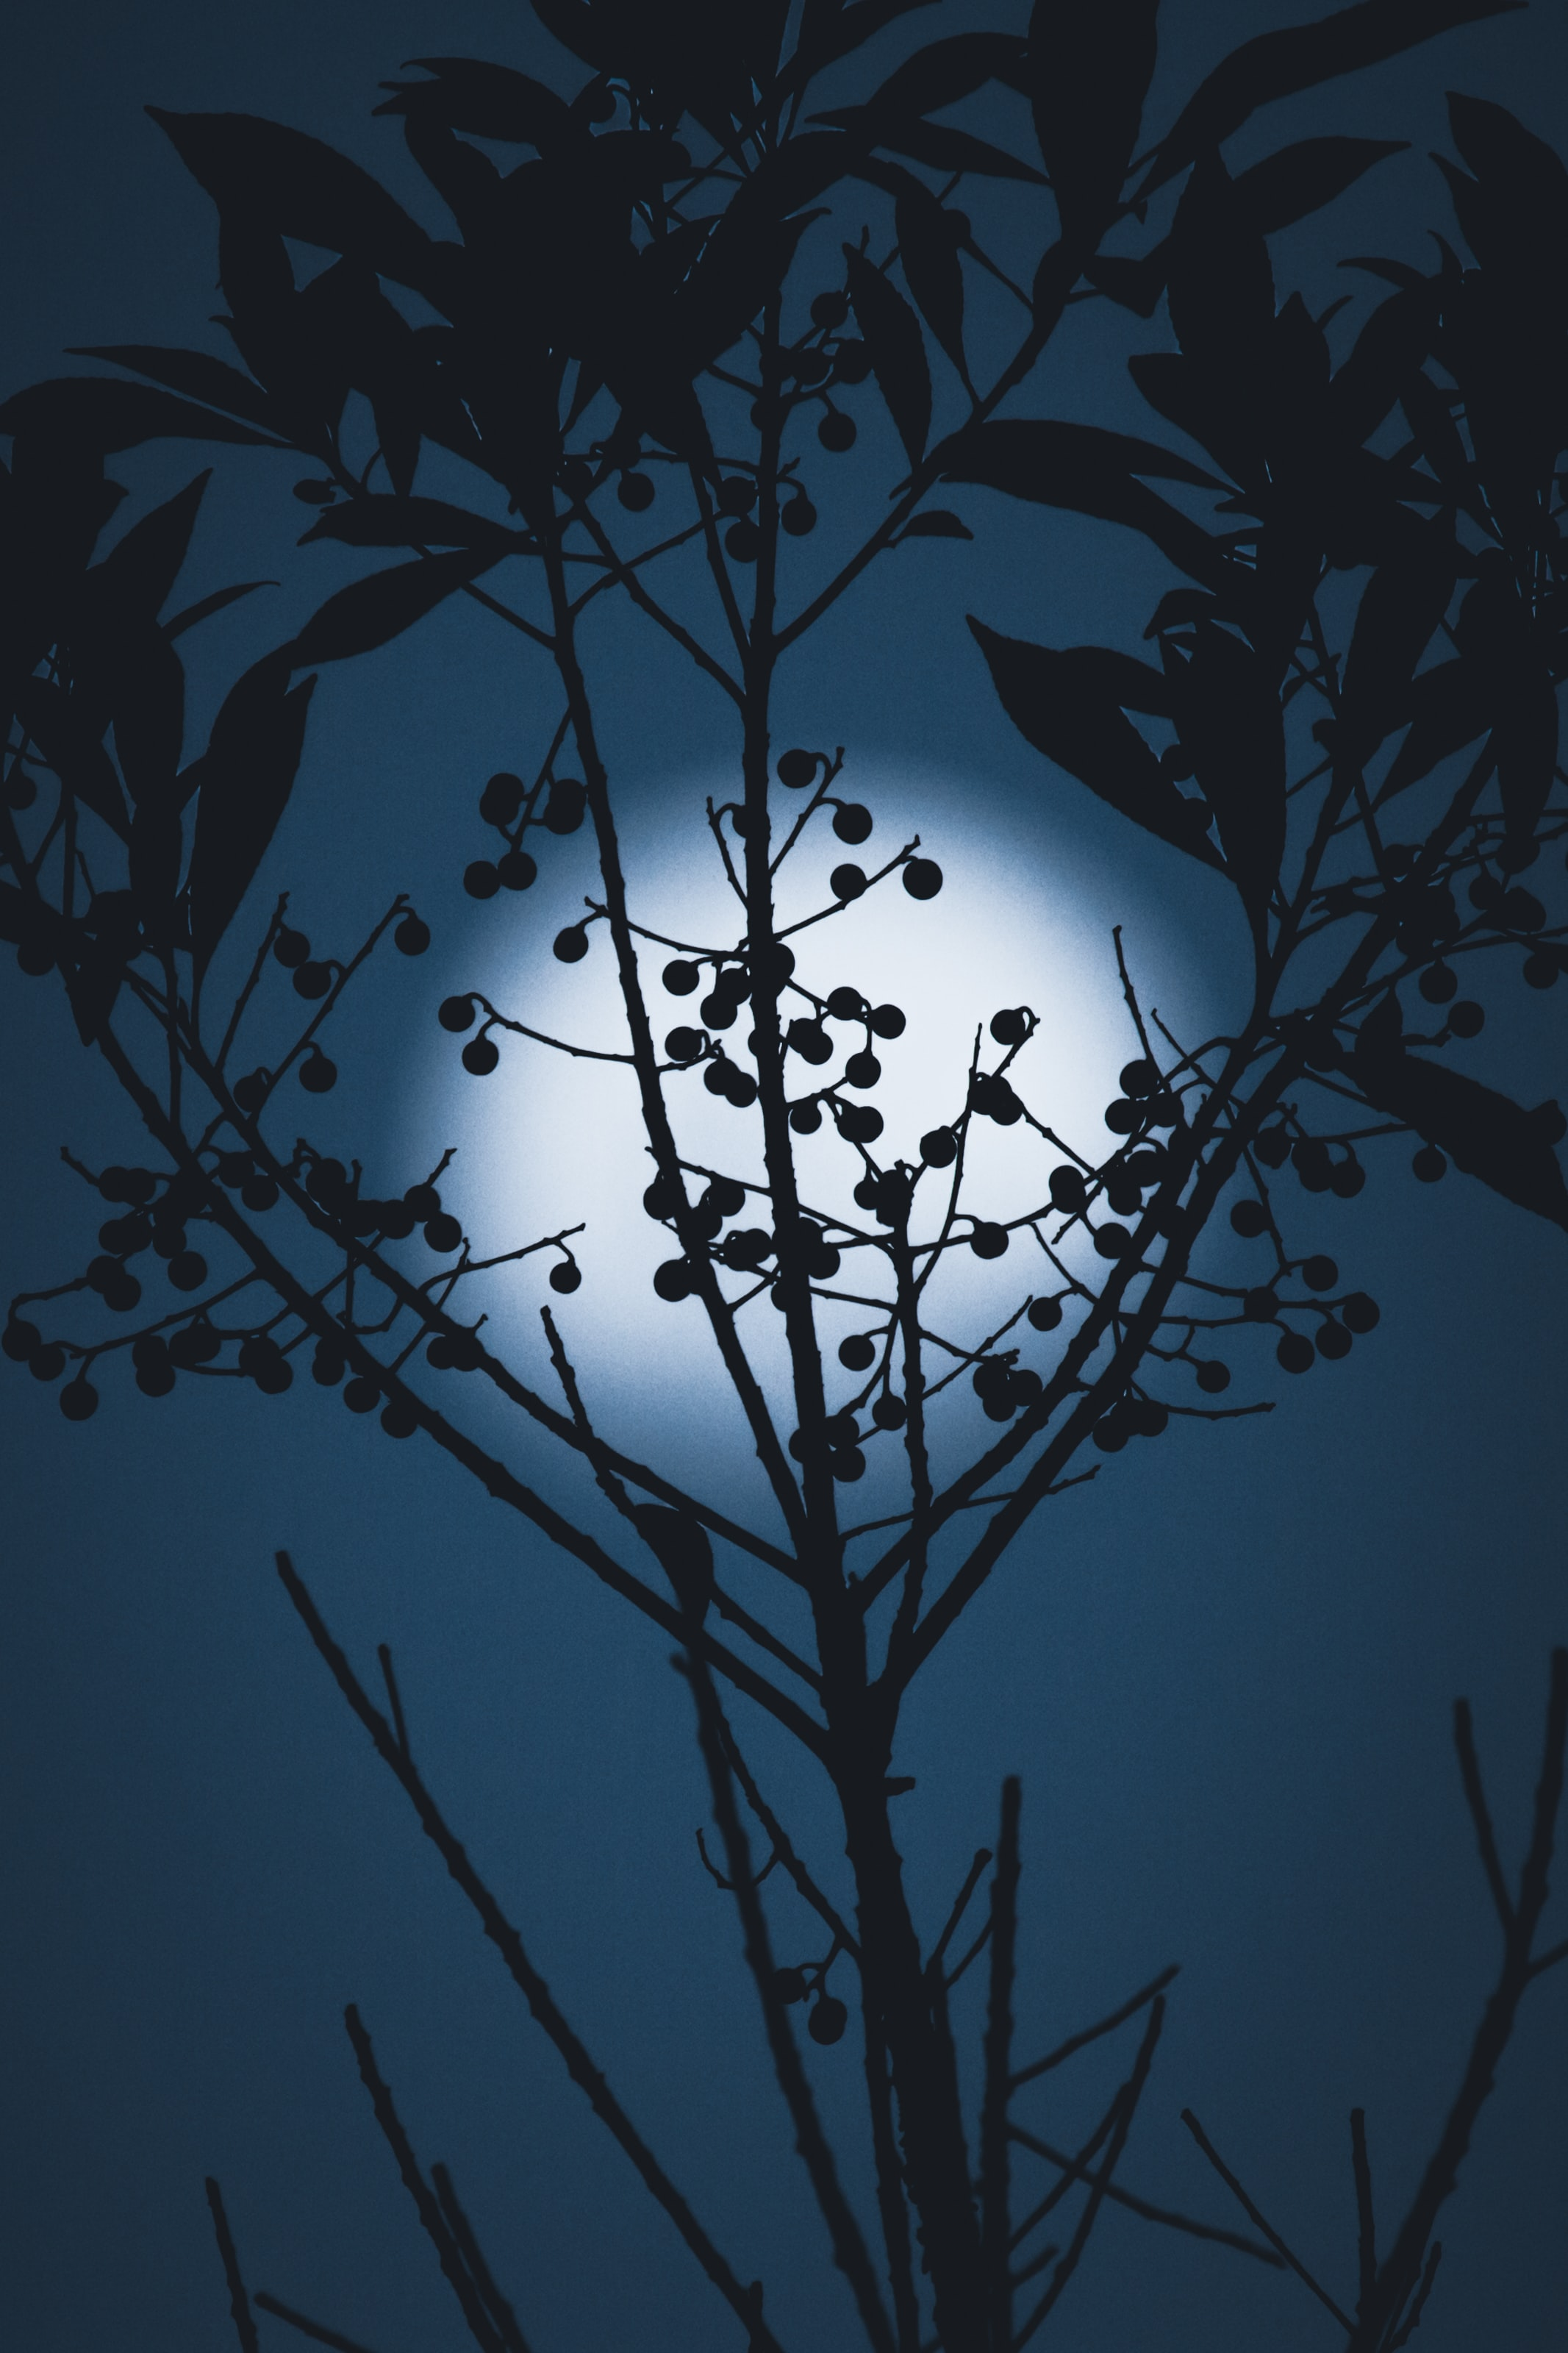 136896 免費下載壁紙 黑暗的, 黑暗, 月球, 轮廓, 剪影, 分行, 分支, 夜, 浆果 屏保和圖片